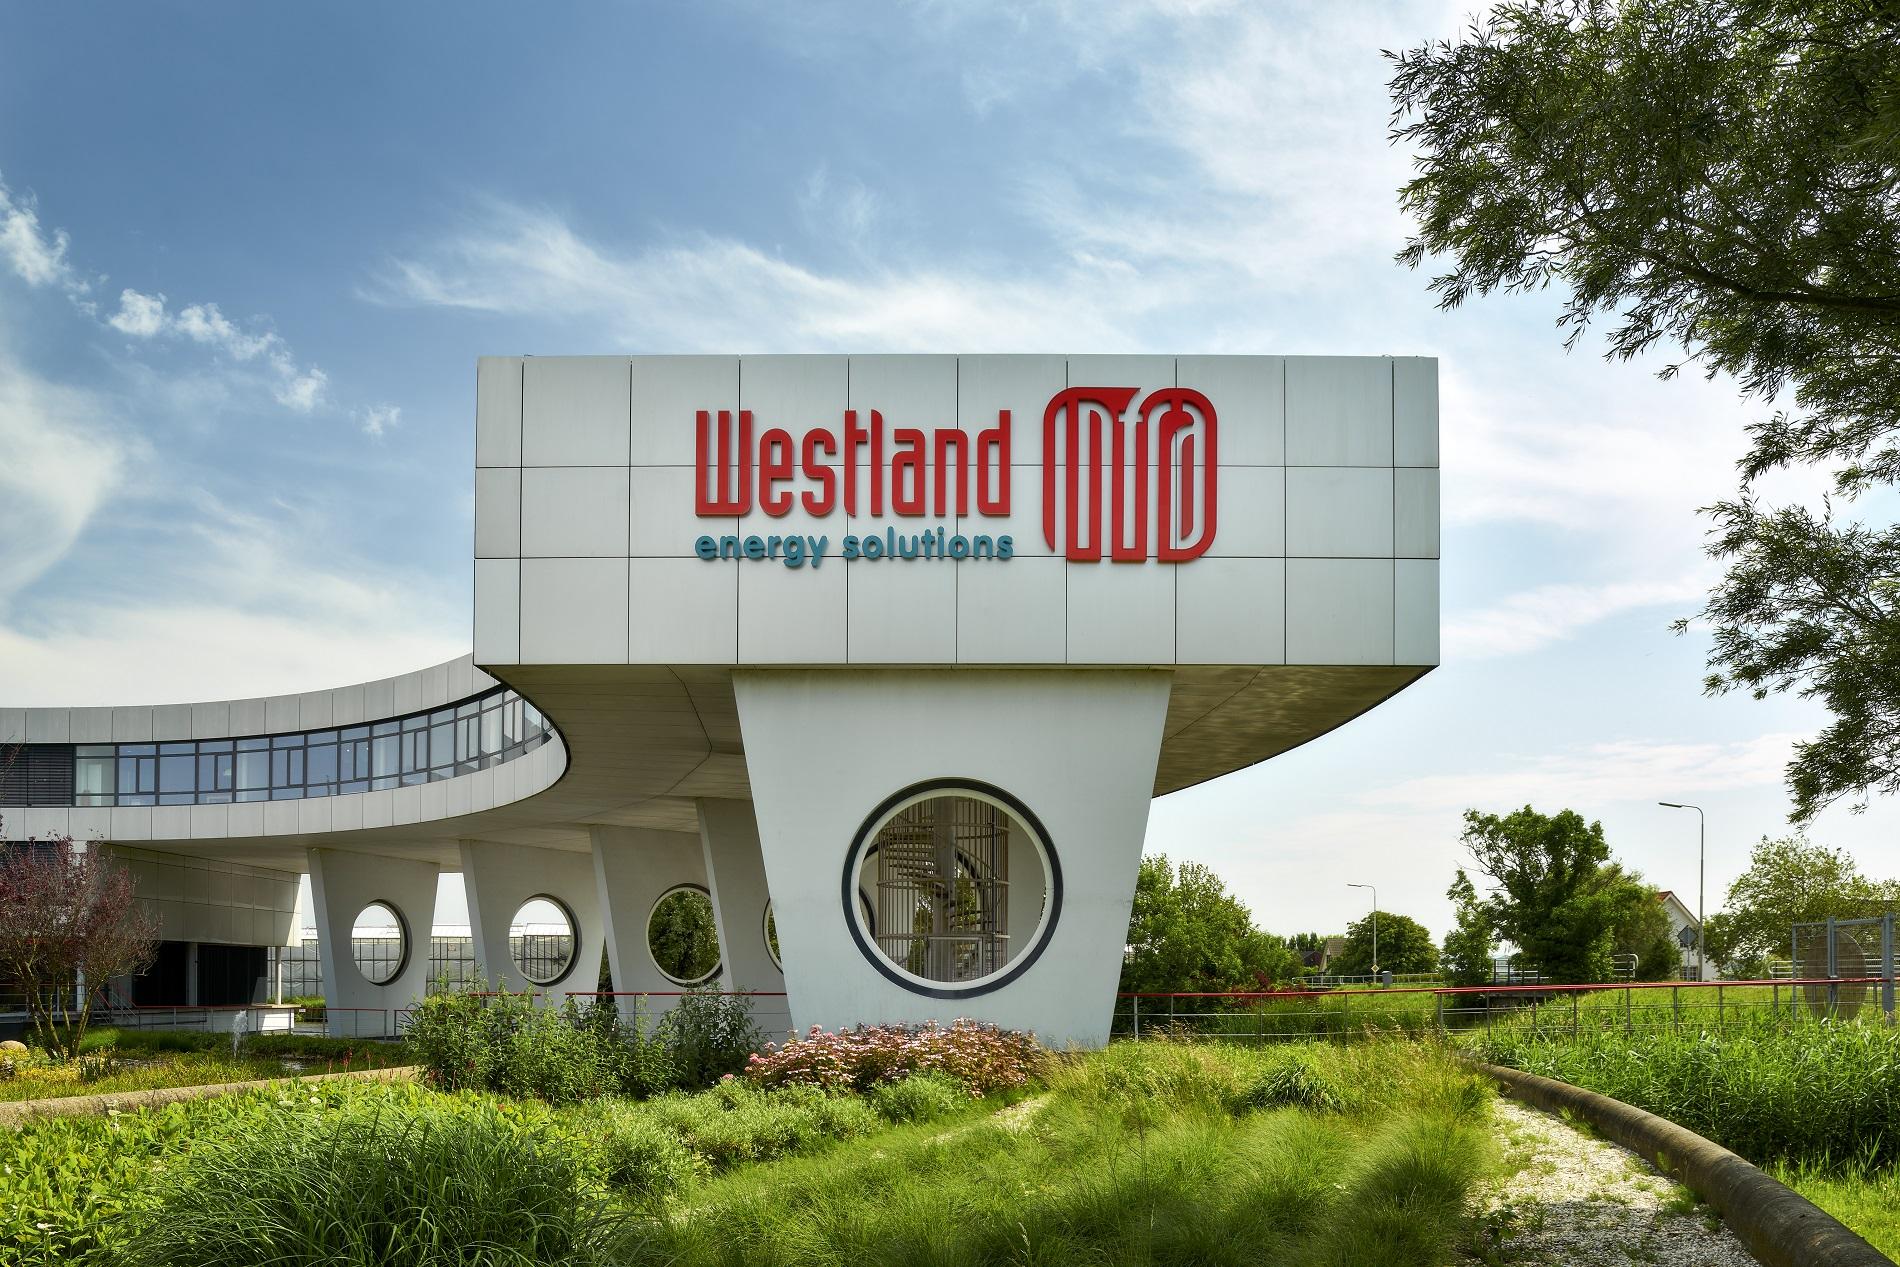 Hm-westland-infra-hr-01jpeg_1602427978